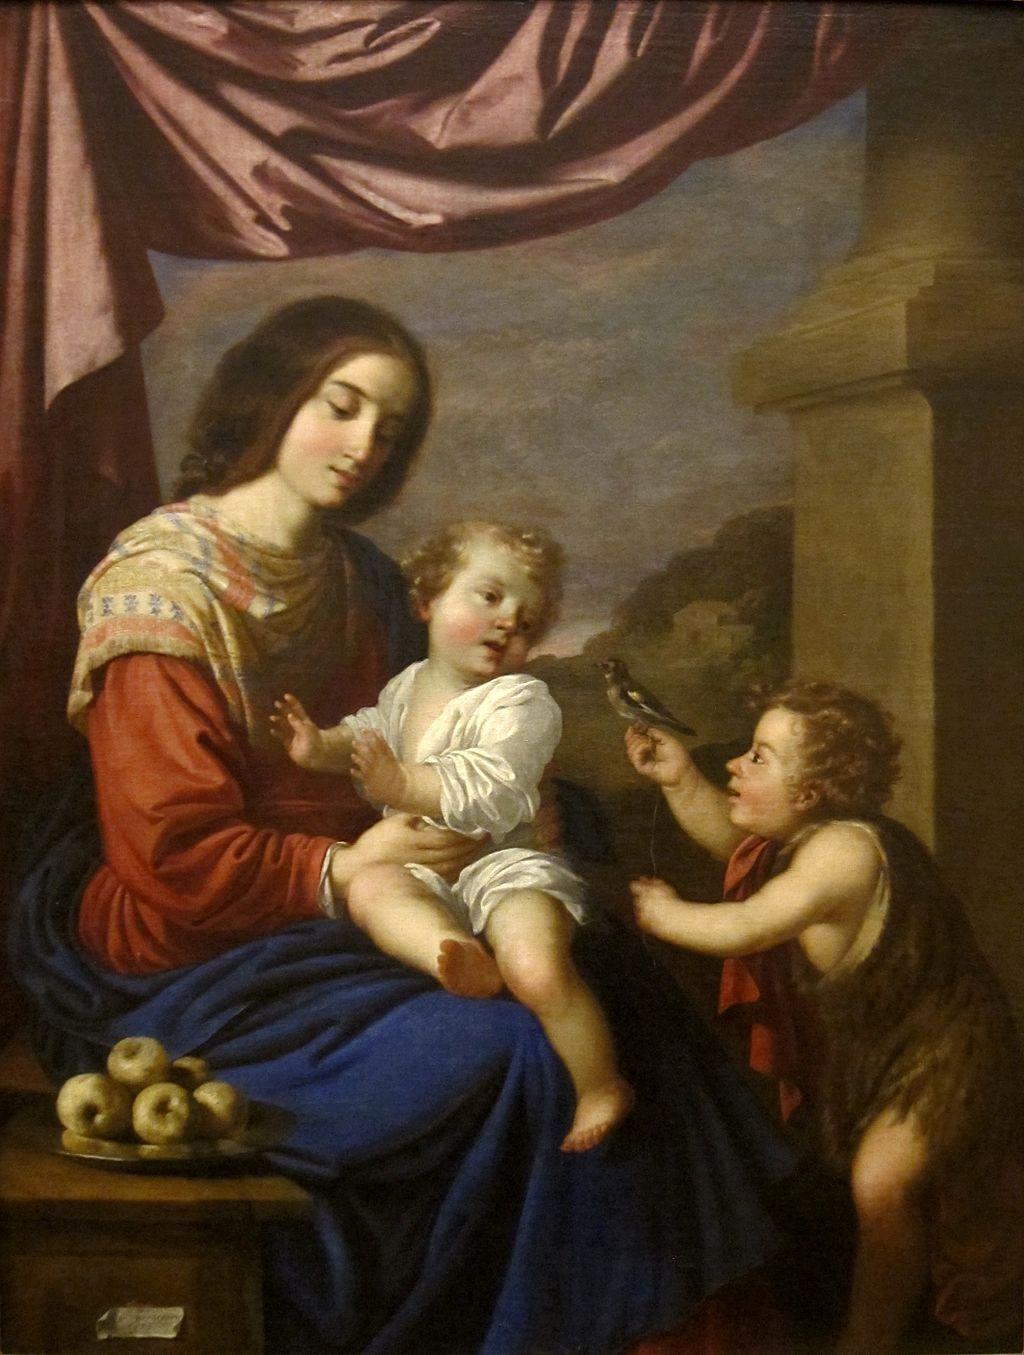 Zurbaran_Madonna_and_Child